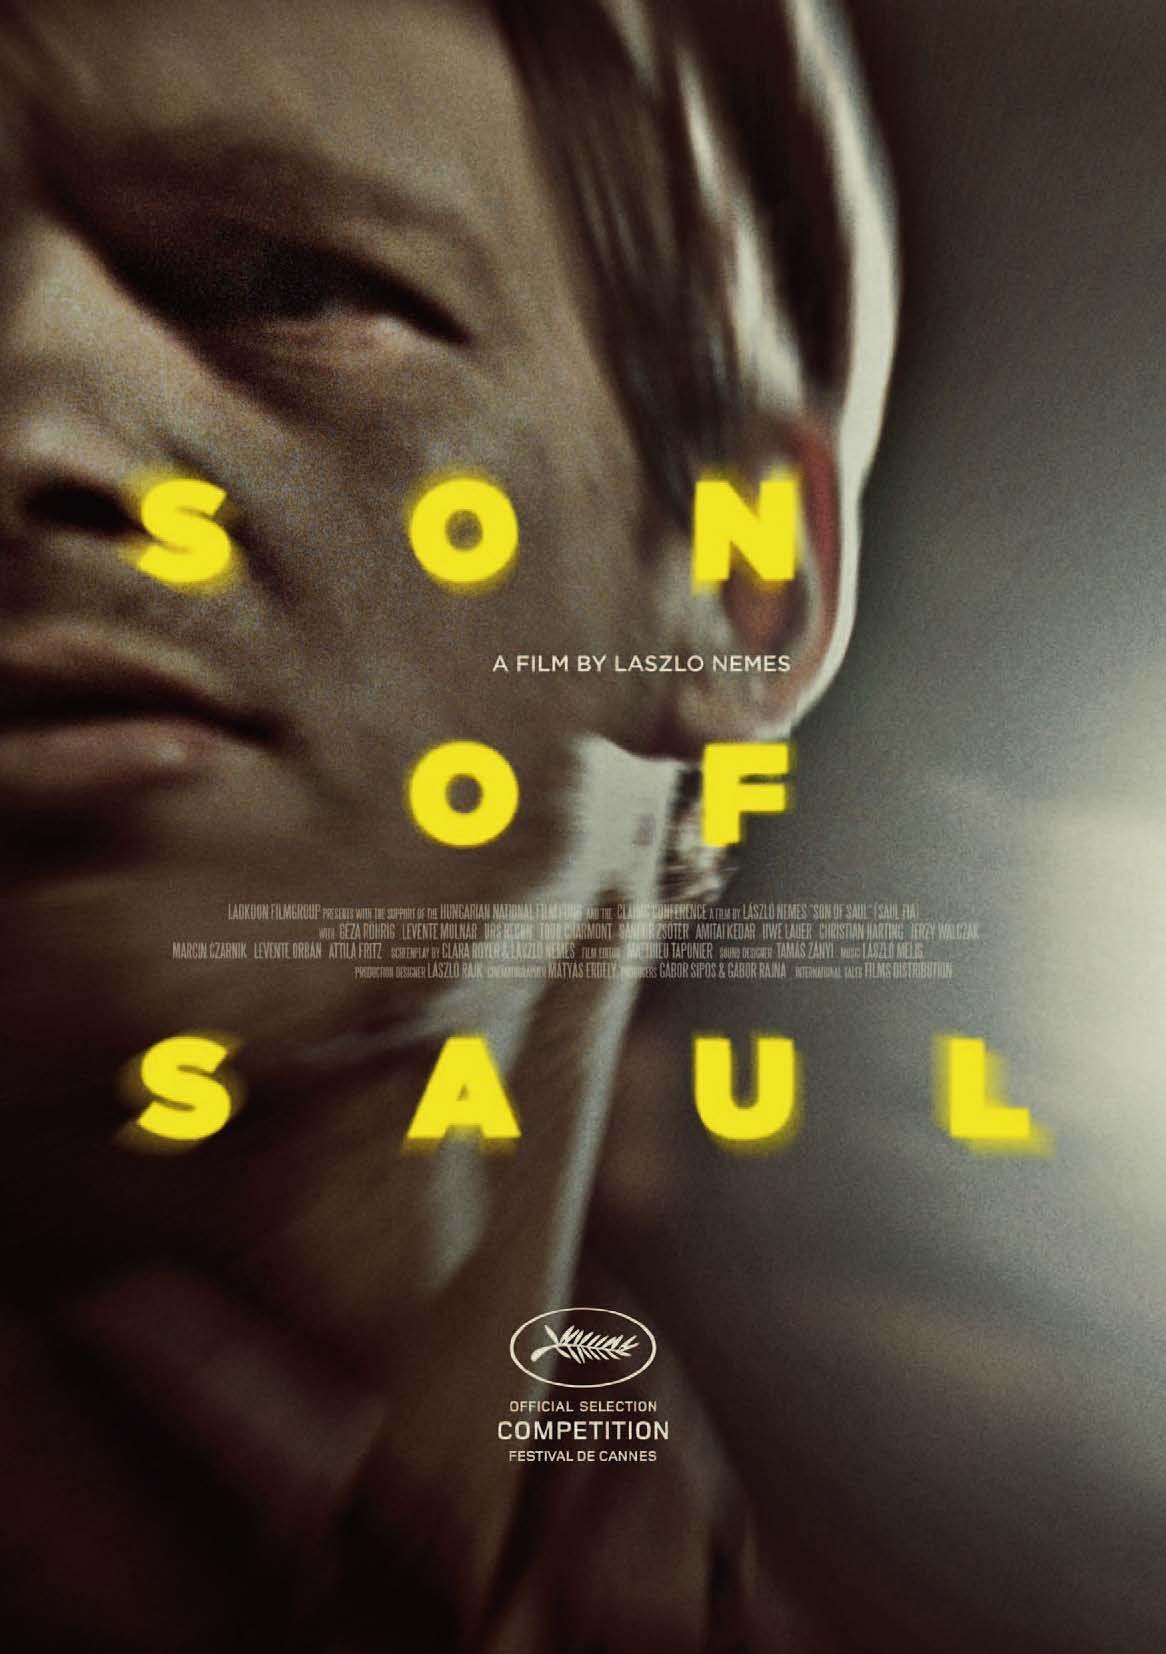 """Filmul regizorului maghiar László Nemes nu este încă o poveste din lagărele morţii, ci este un portret al disperării. Regizorul aduce în prim plan chipul lui Saul, prizonier la Auschwitz, care măcinat de durere, s-a transformat inimaginabil. """"Fiul lui Saul"""" a fost distinst cu Marele Premiu al Juriului şi cu Premiul FIPRESCI la Festivalul Internaţional de Film de la Cannes. A câştigat Globul de Aur la categoria cel mai bun film străin, iar acum este nominalizat la premiile Oscar pentru cel…"""